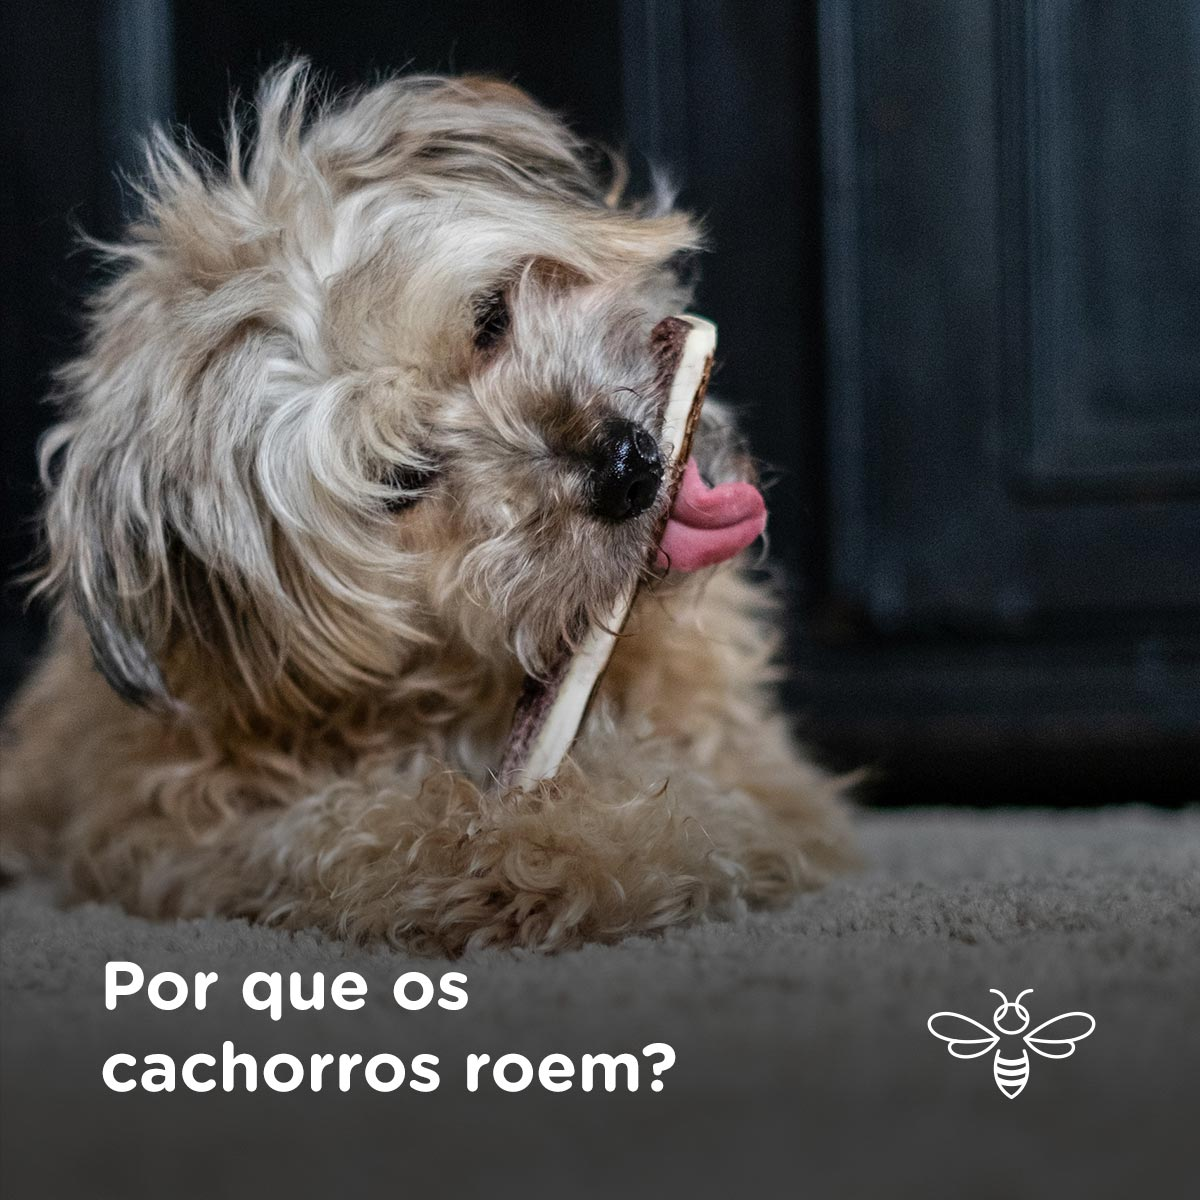 Por que os cachorros roem